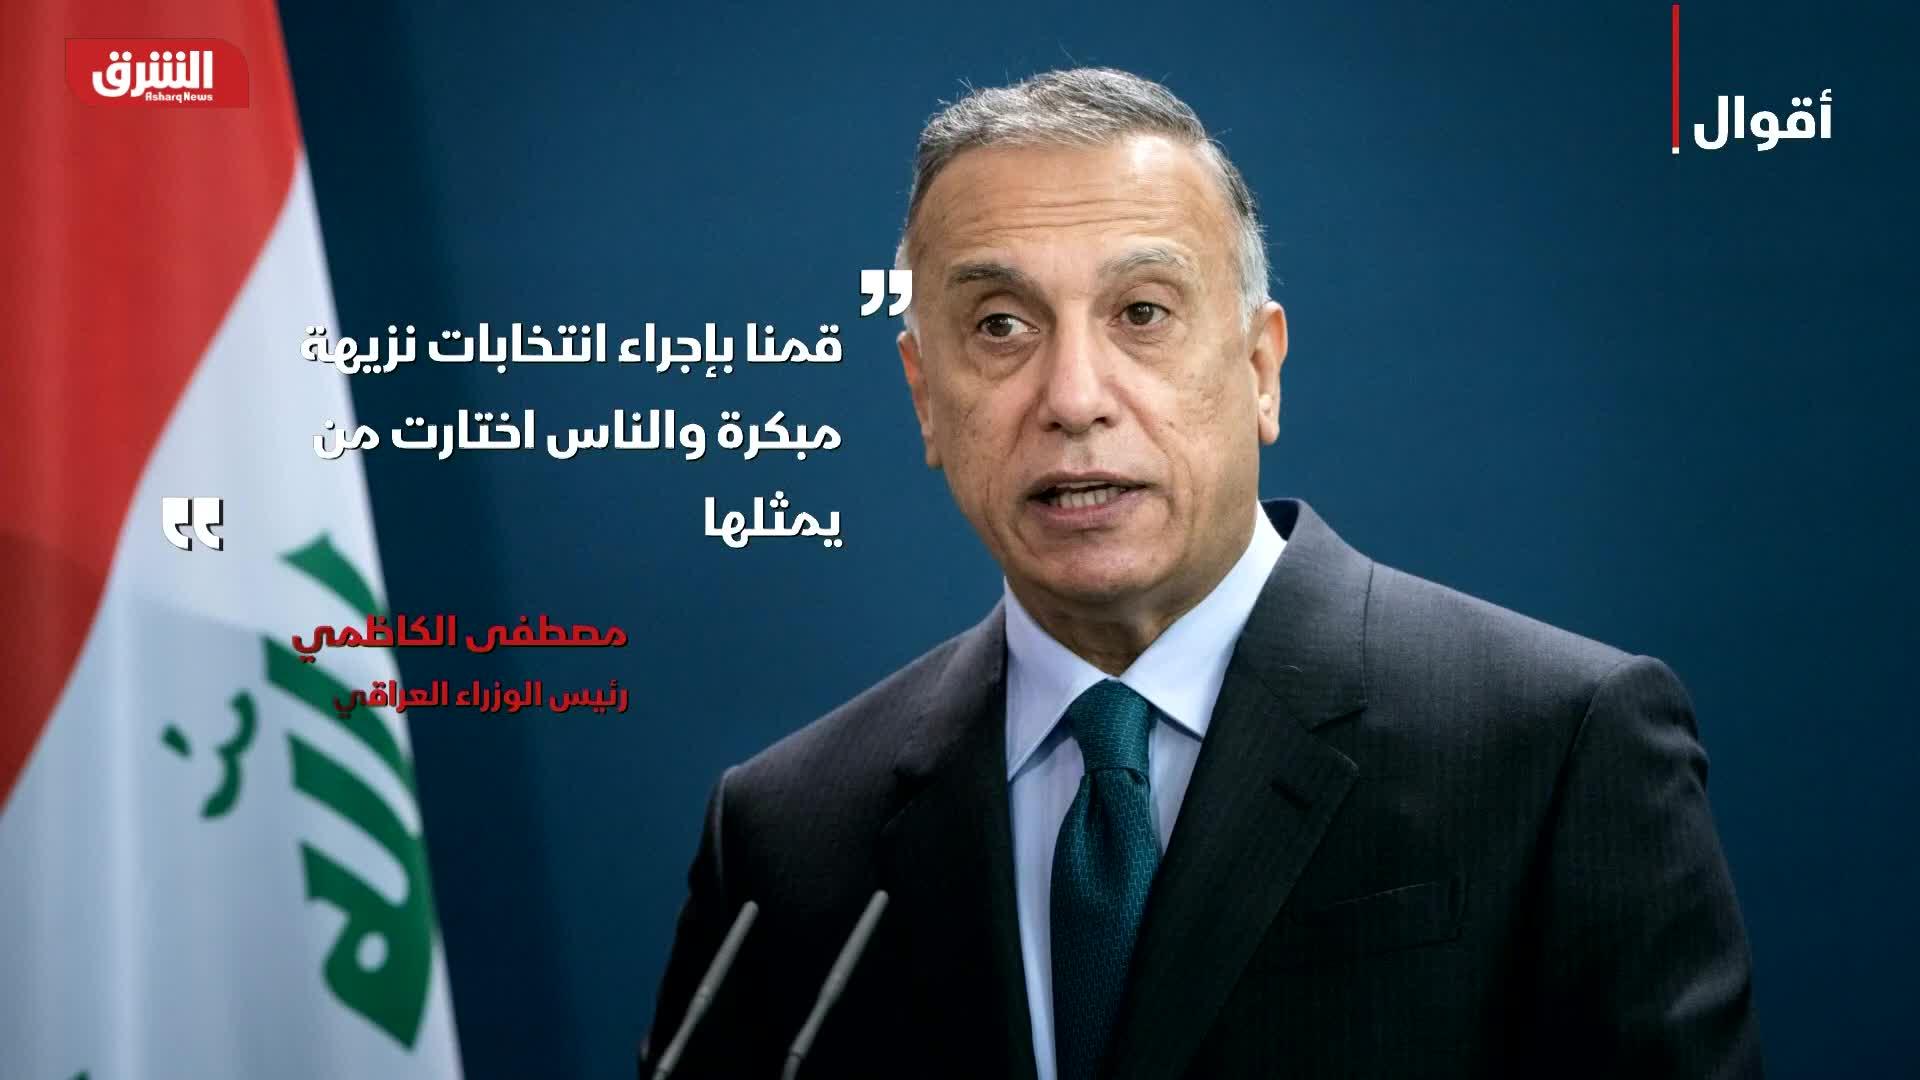 أقوال.. الأزمة الانتخابات العراقية